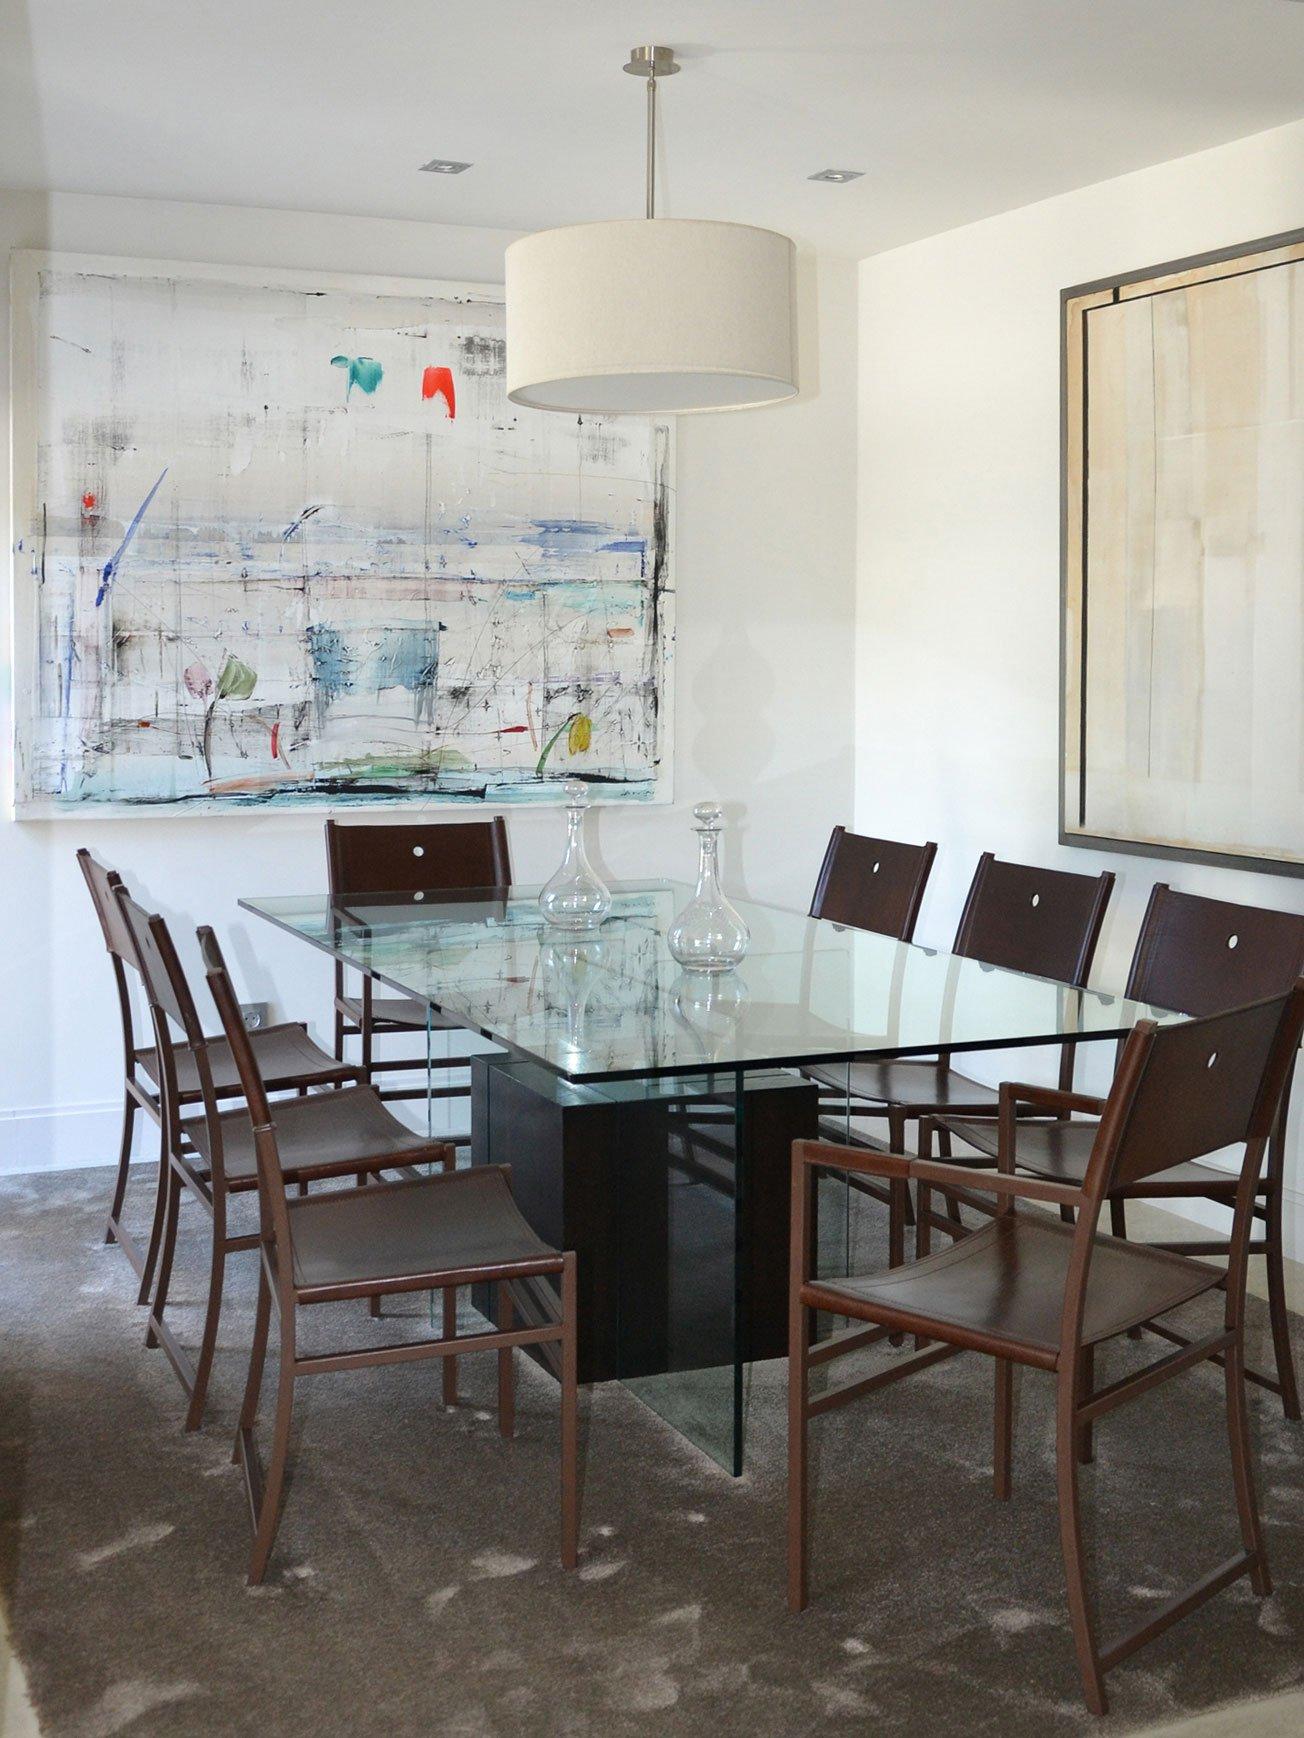 Comedor con mesa cristal y sillas Cj2